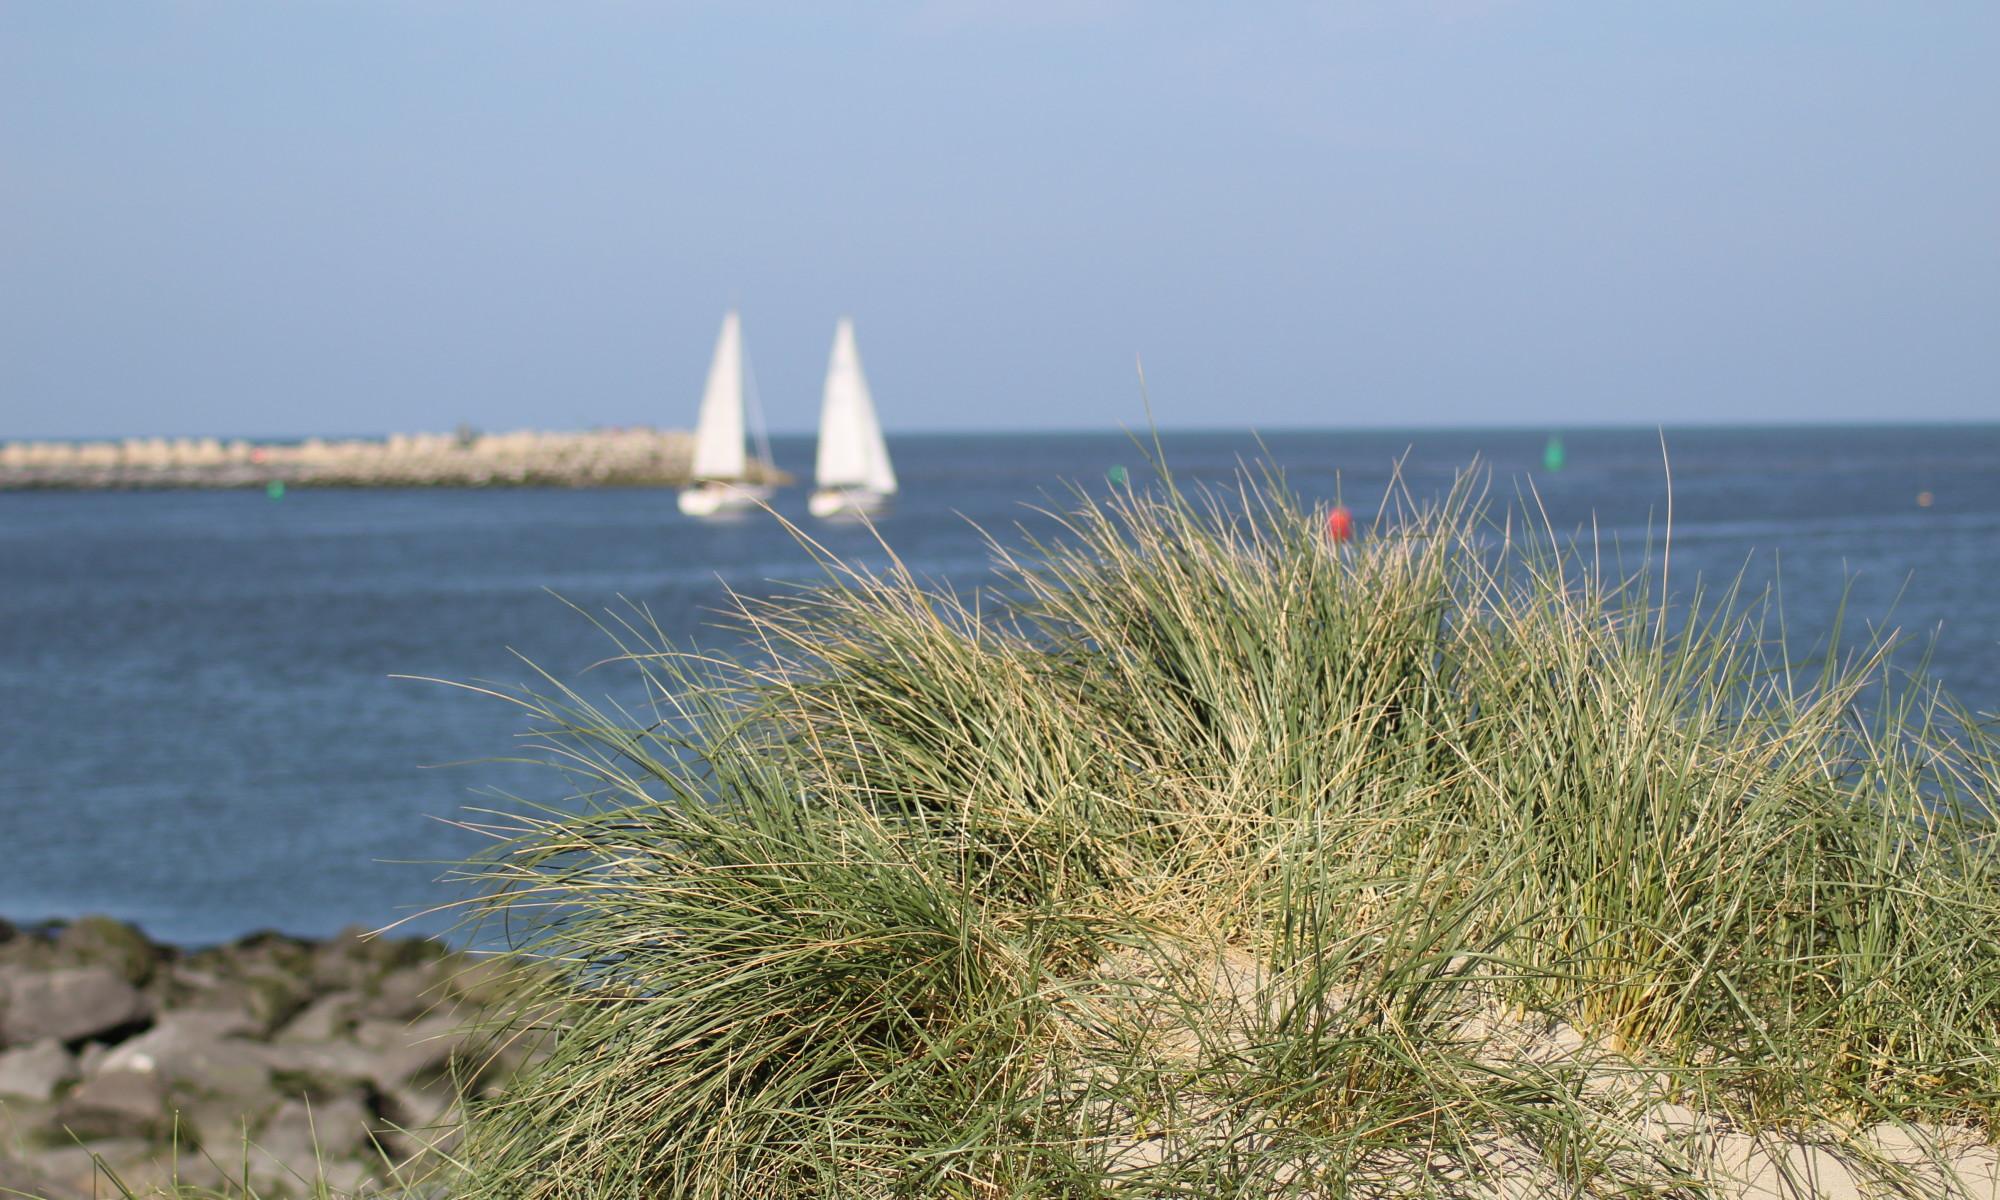 Foto van aan de kust met zeilboten en helmgras